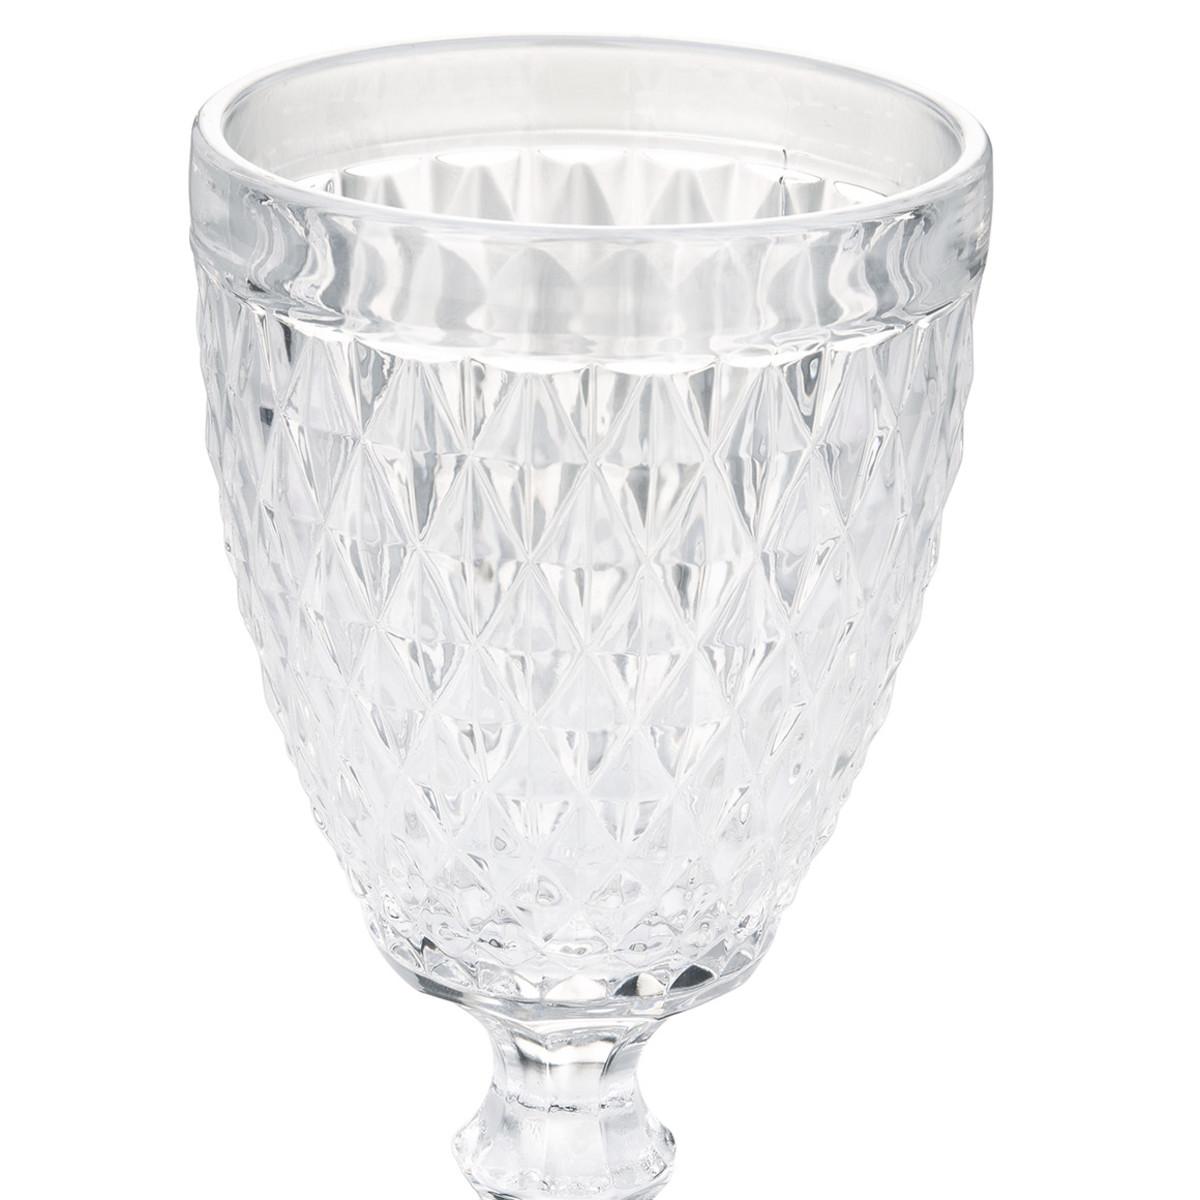 Bild 2 von Weinglas aus strukturiertem Glas